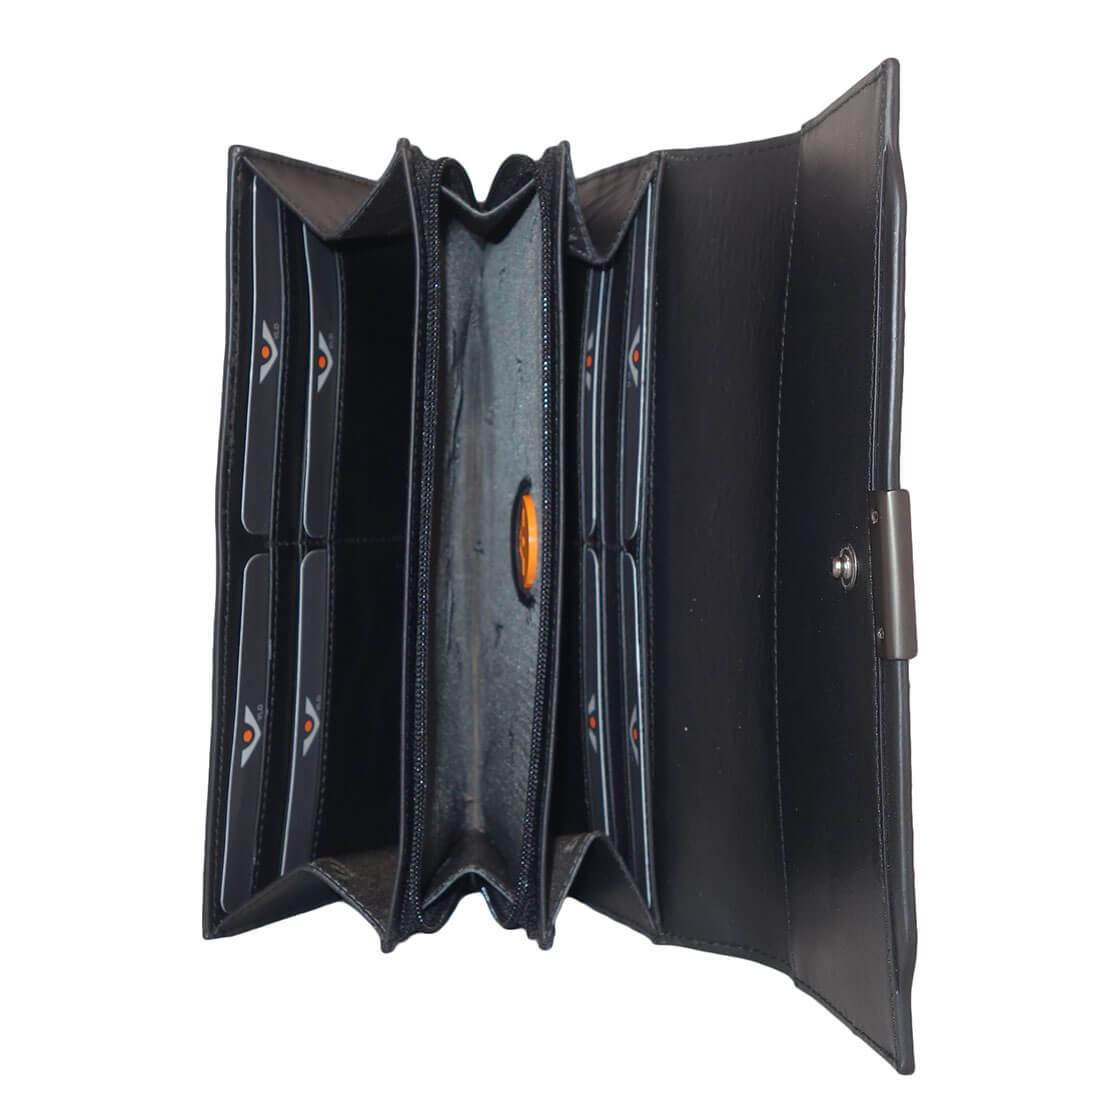 Zwarte Dames Portemonnee.Voi Dames Portemonnee Met Overslag Zwart Online Kopen